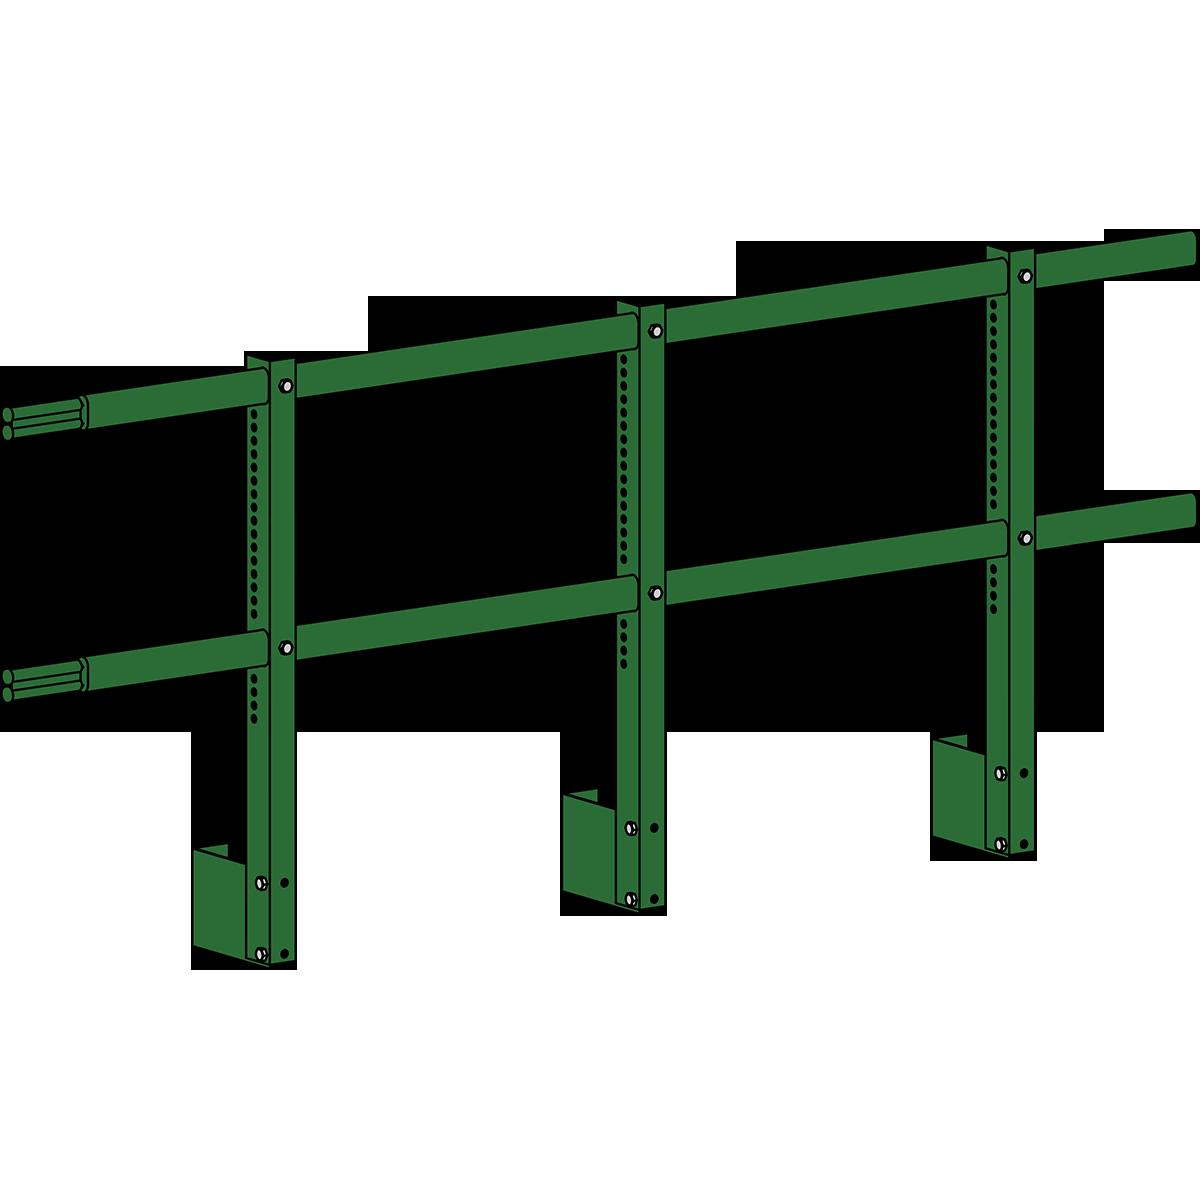 Парапетные ограждения кровли ROOFSYSTEMS Elite H-1000 мм 40х20 (овал) RAL 6002 Зеленый лист